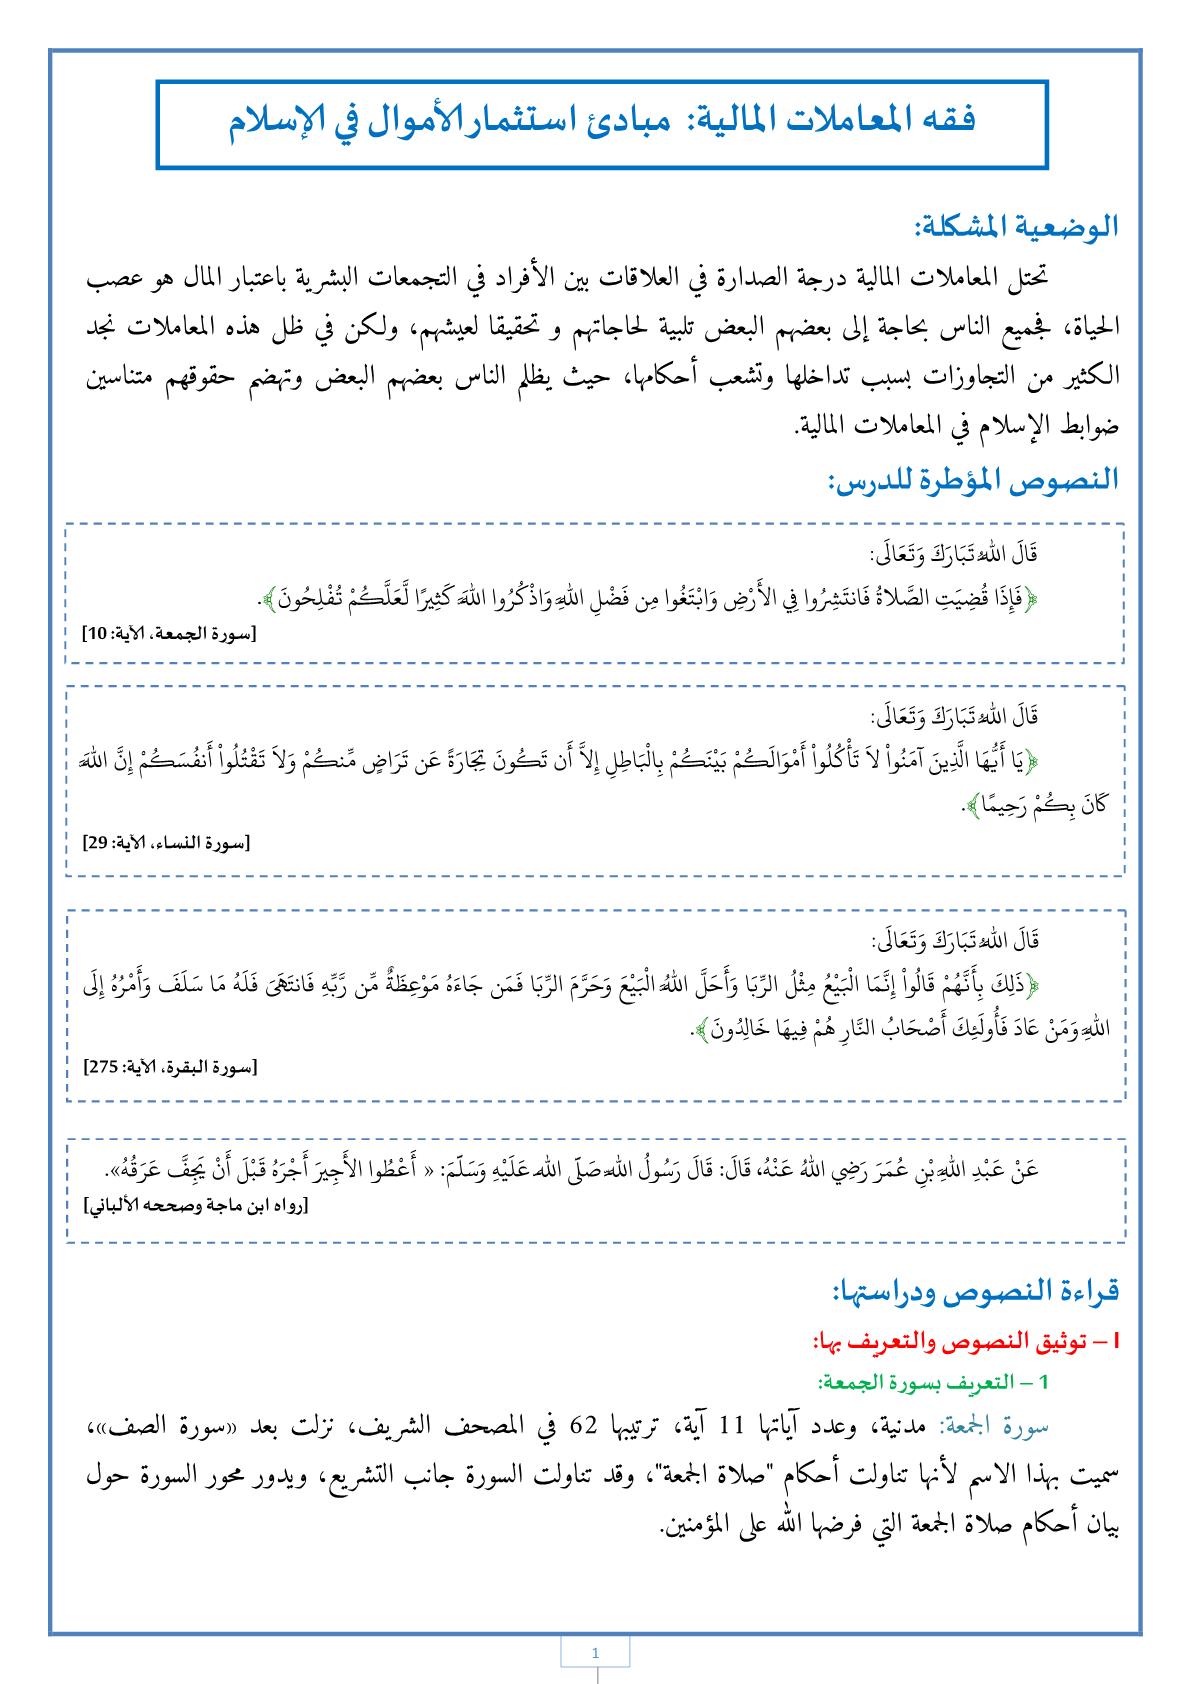 درس فقه المعاملات: مبادئ استثمار الأموال في الإسلام للجذع المشترك